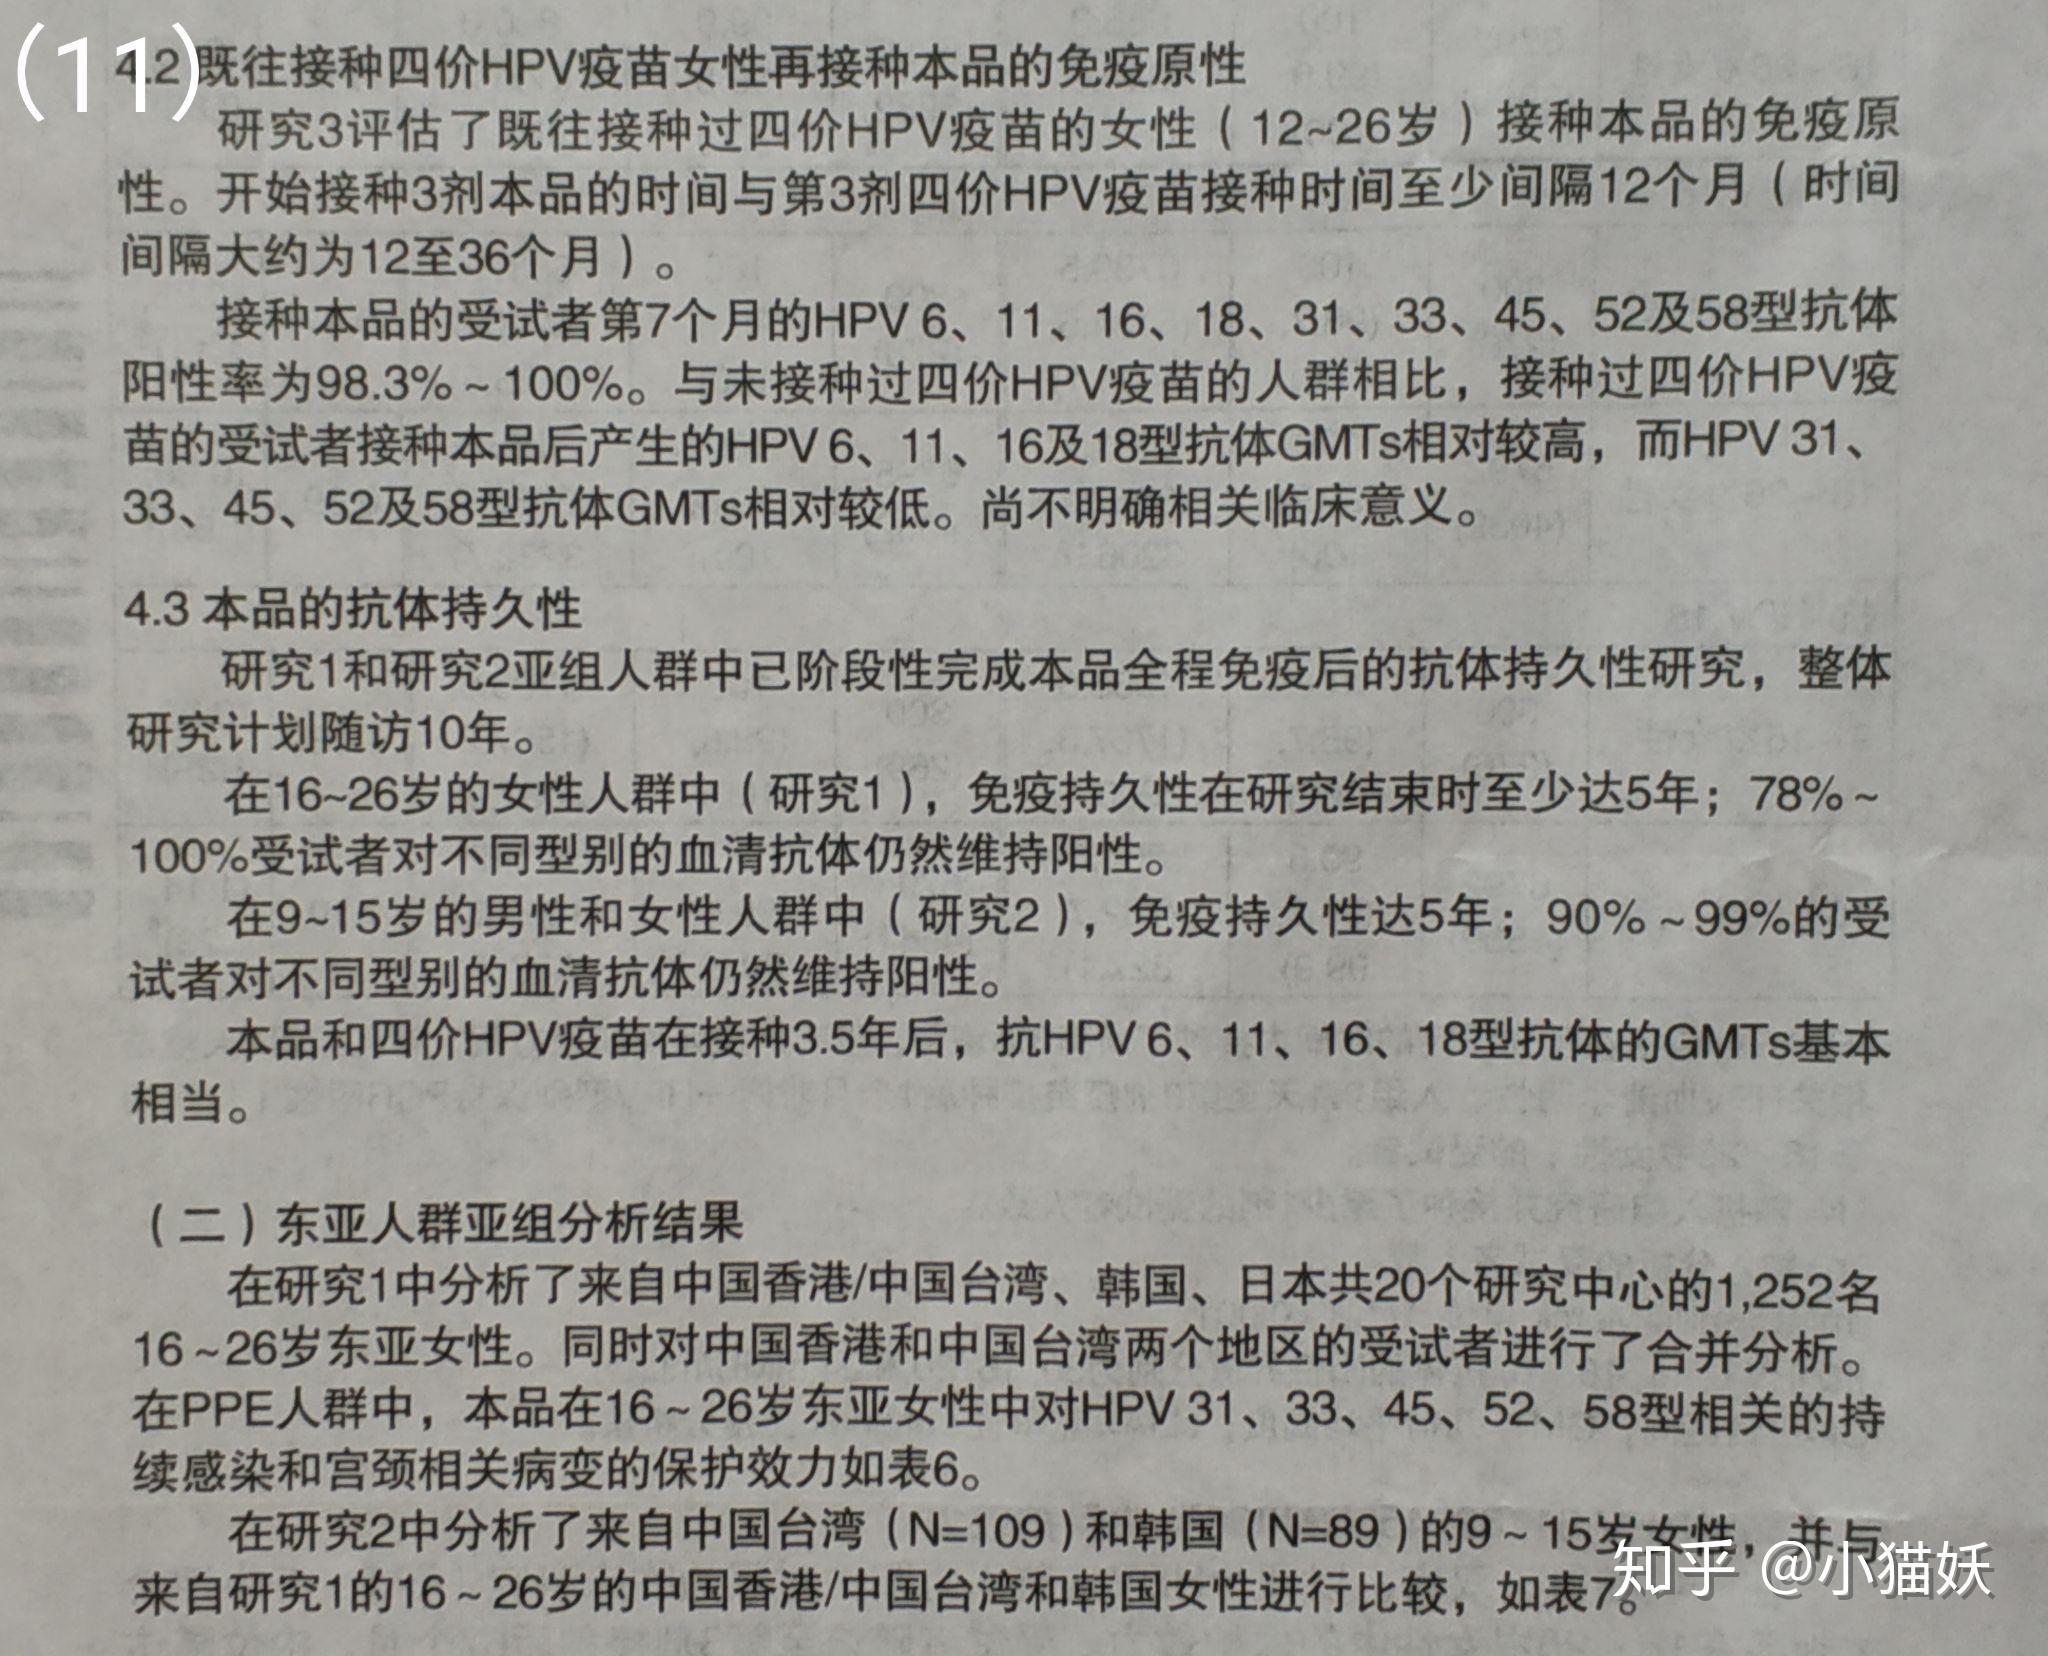 圆环病毒疫苗说明书_九价人乳头瘤病毒疫苗(酿酒酵母)说明书 - 知乎